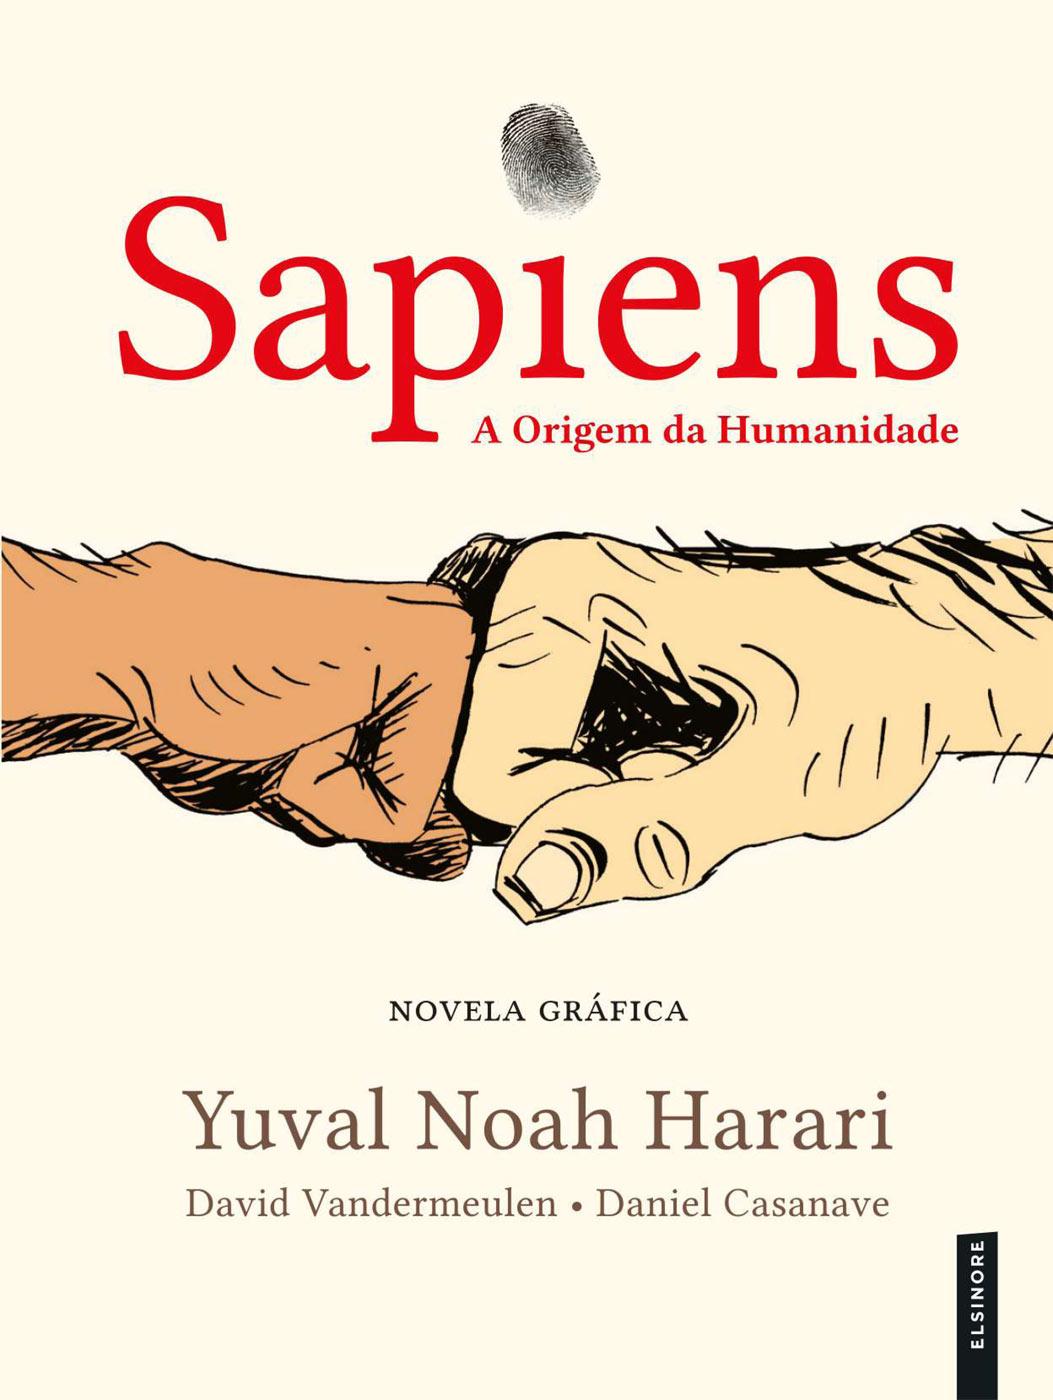 Sapiens: A Origem da humanidade - Novela Gráfica